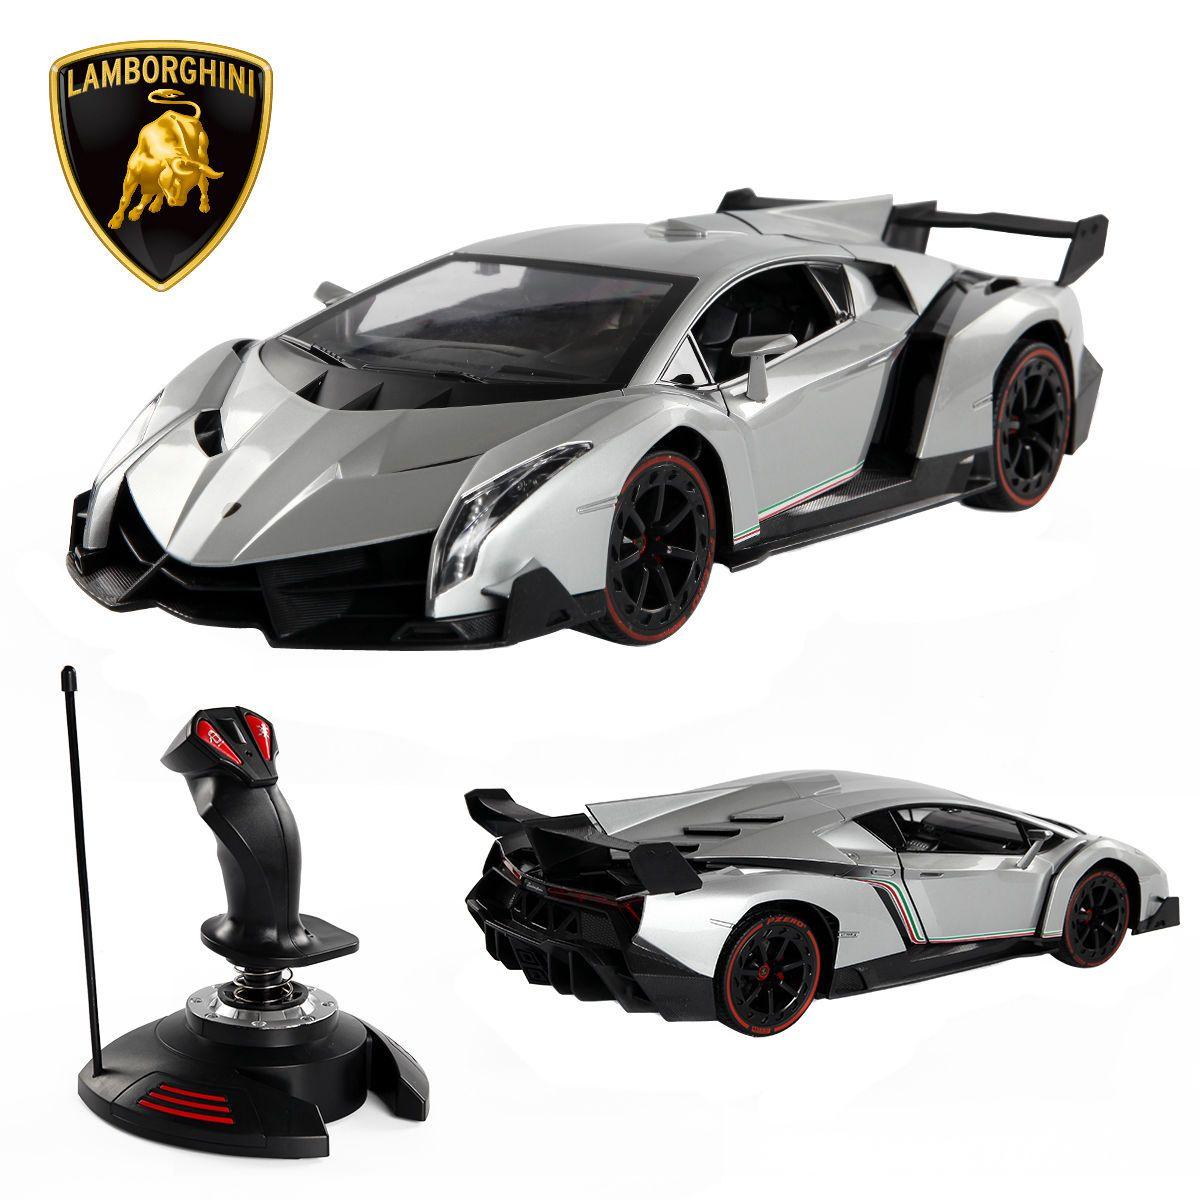 1:14 Lamborghini Veneno Rc Car Gravity Sensor Dangling Radio Remote Control